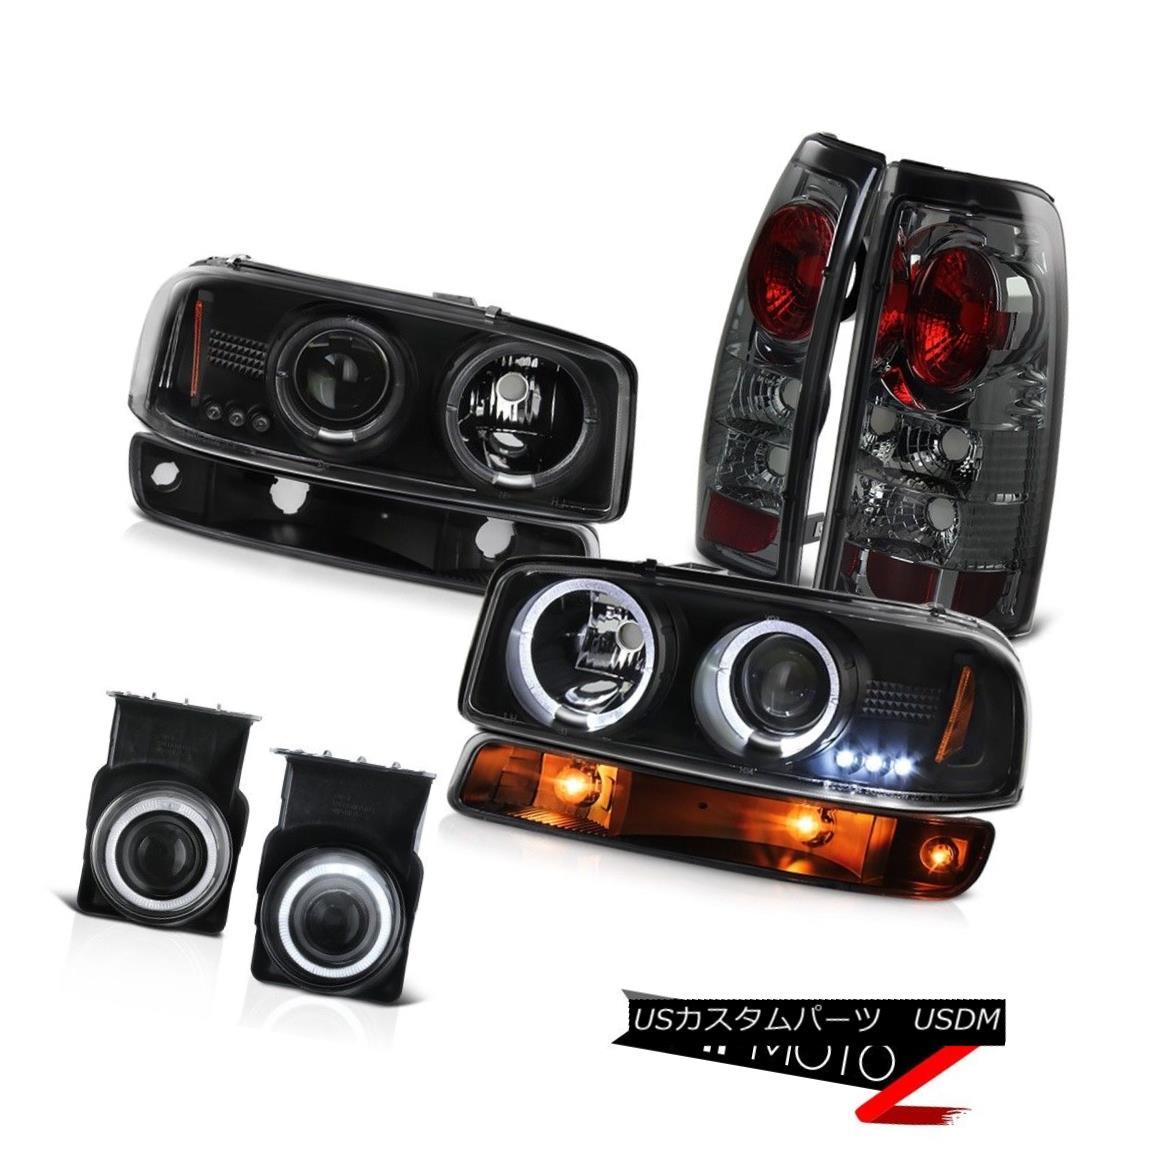 テールライト 03-06 Sierra C3 Fog lights parking brake raven black light Projector Headlights 03-06シエラC3フォグライトパーキングブレーキレイブンブラックライトプロジェクターヘッドライト